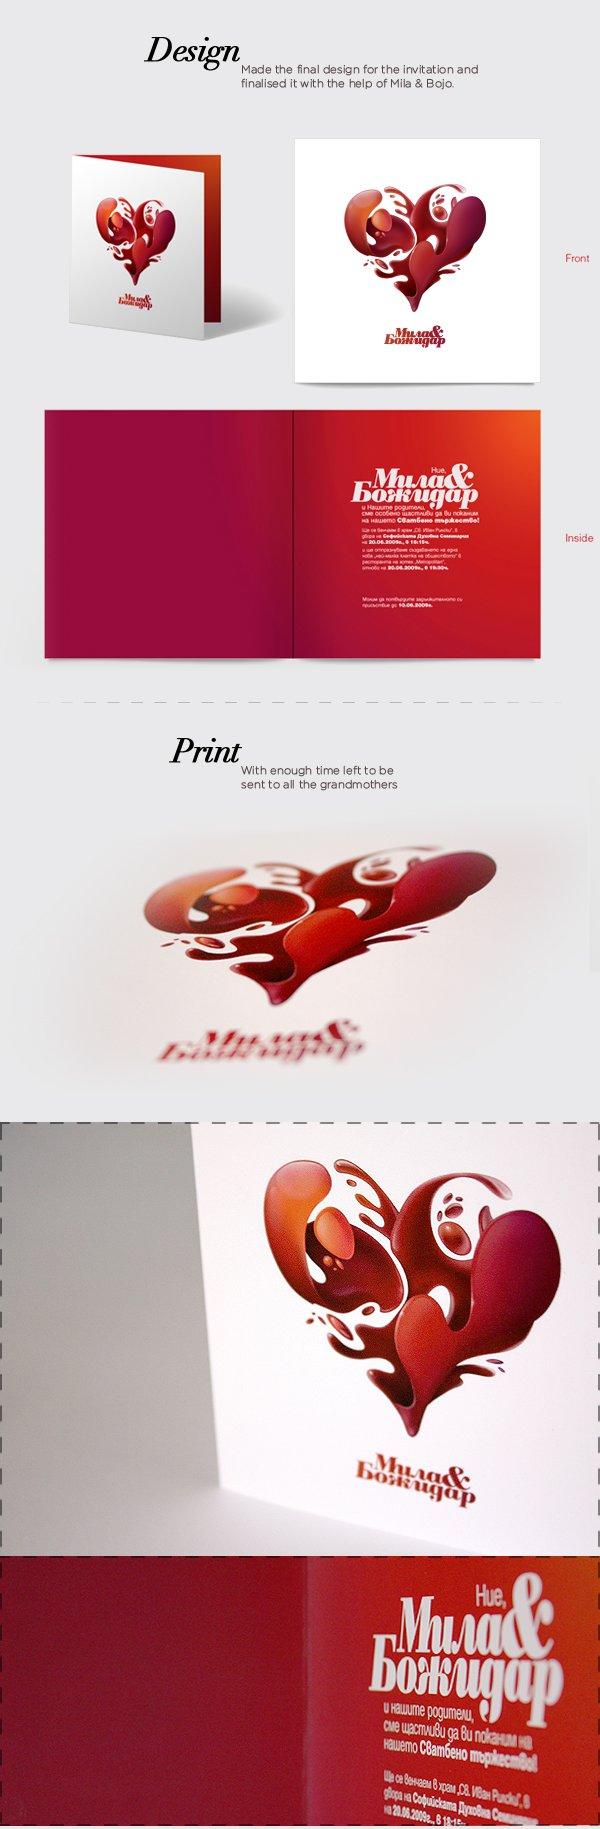 2011年画册设计佳作欣赏